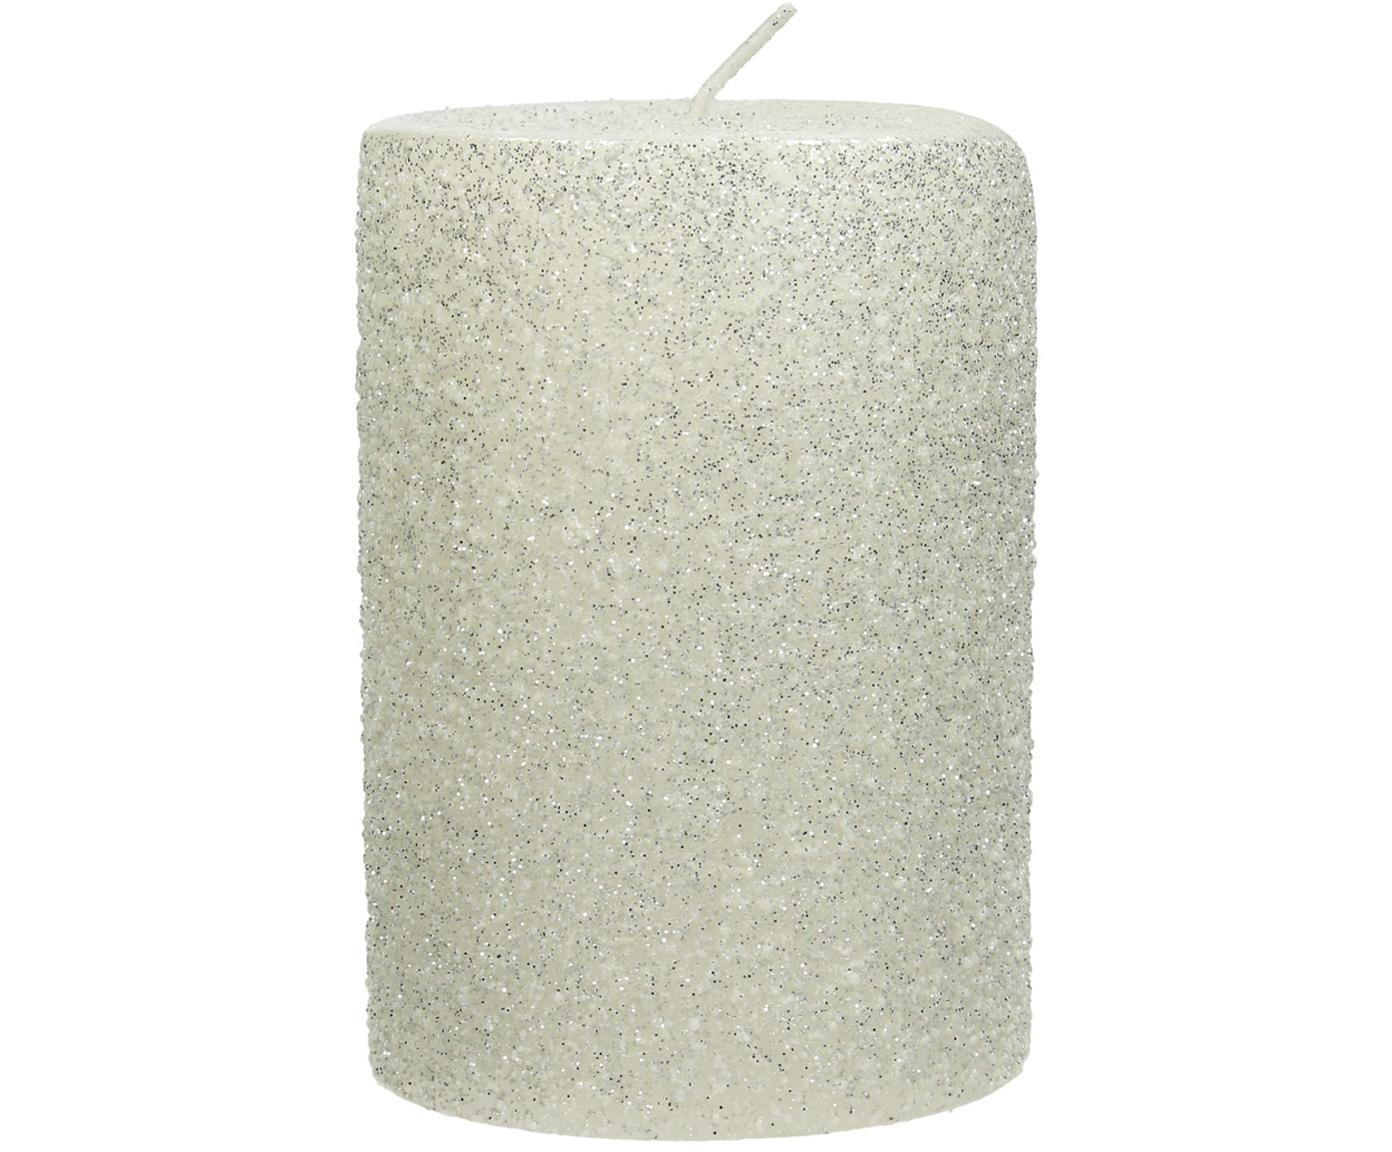 Świeca pieńkowa Flair, Wosk, Biały, Ø 7 x W 10 cm